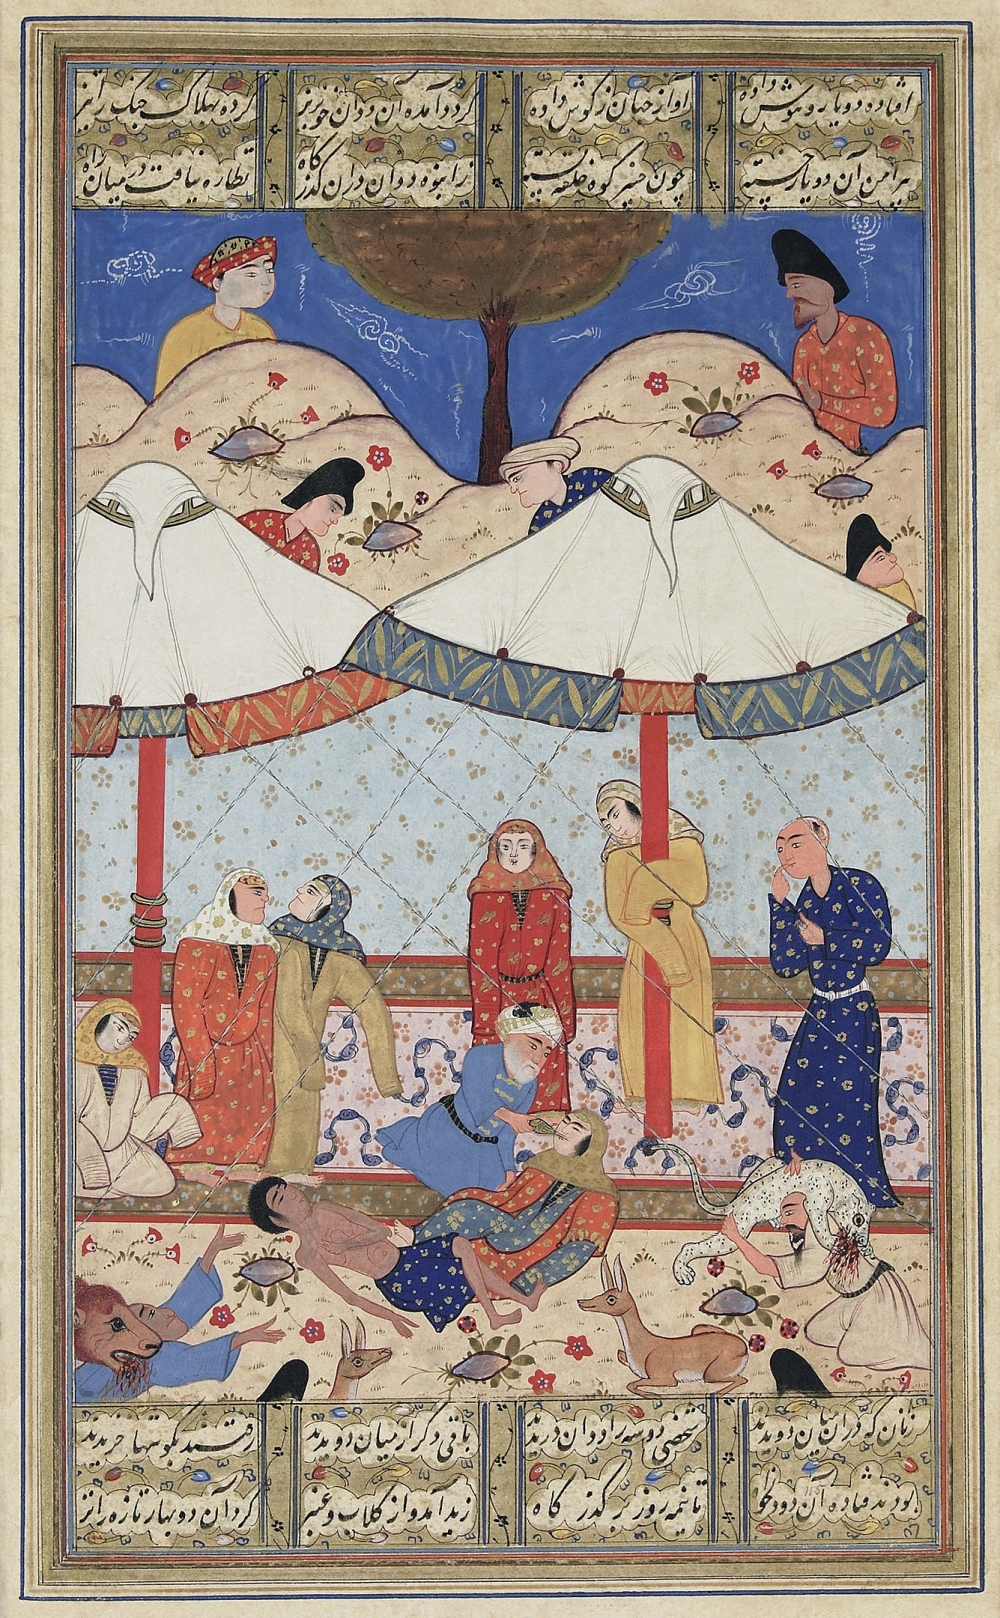 A miniature of Nizami's narrative poem. Layla and Majnun, Courtesy: Library of Congress/Wikimedia Commons